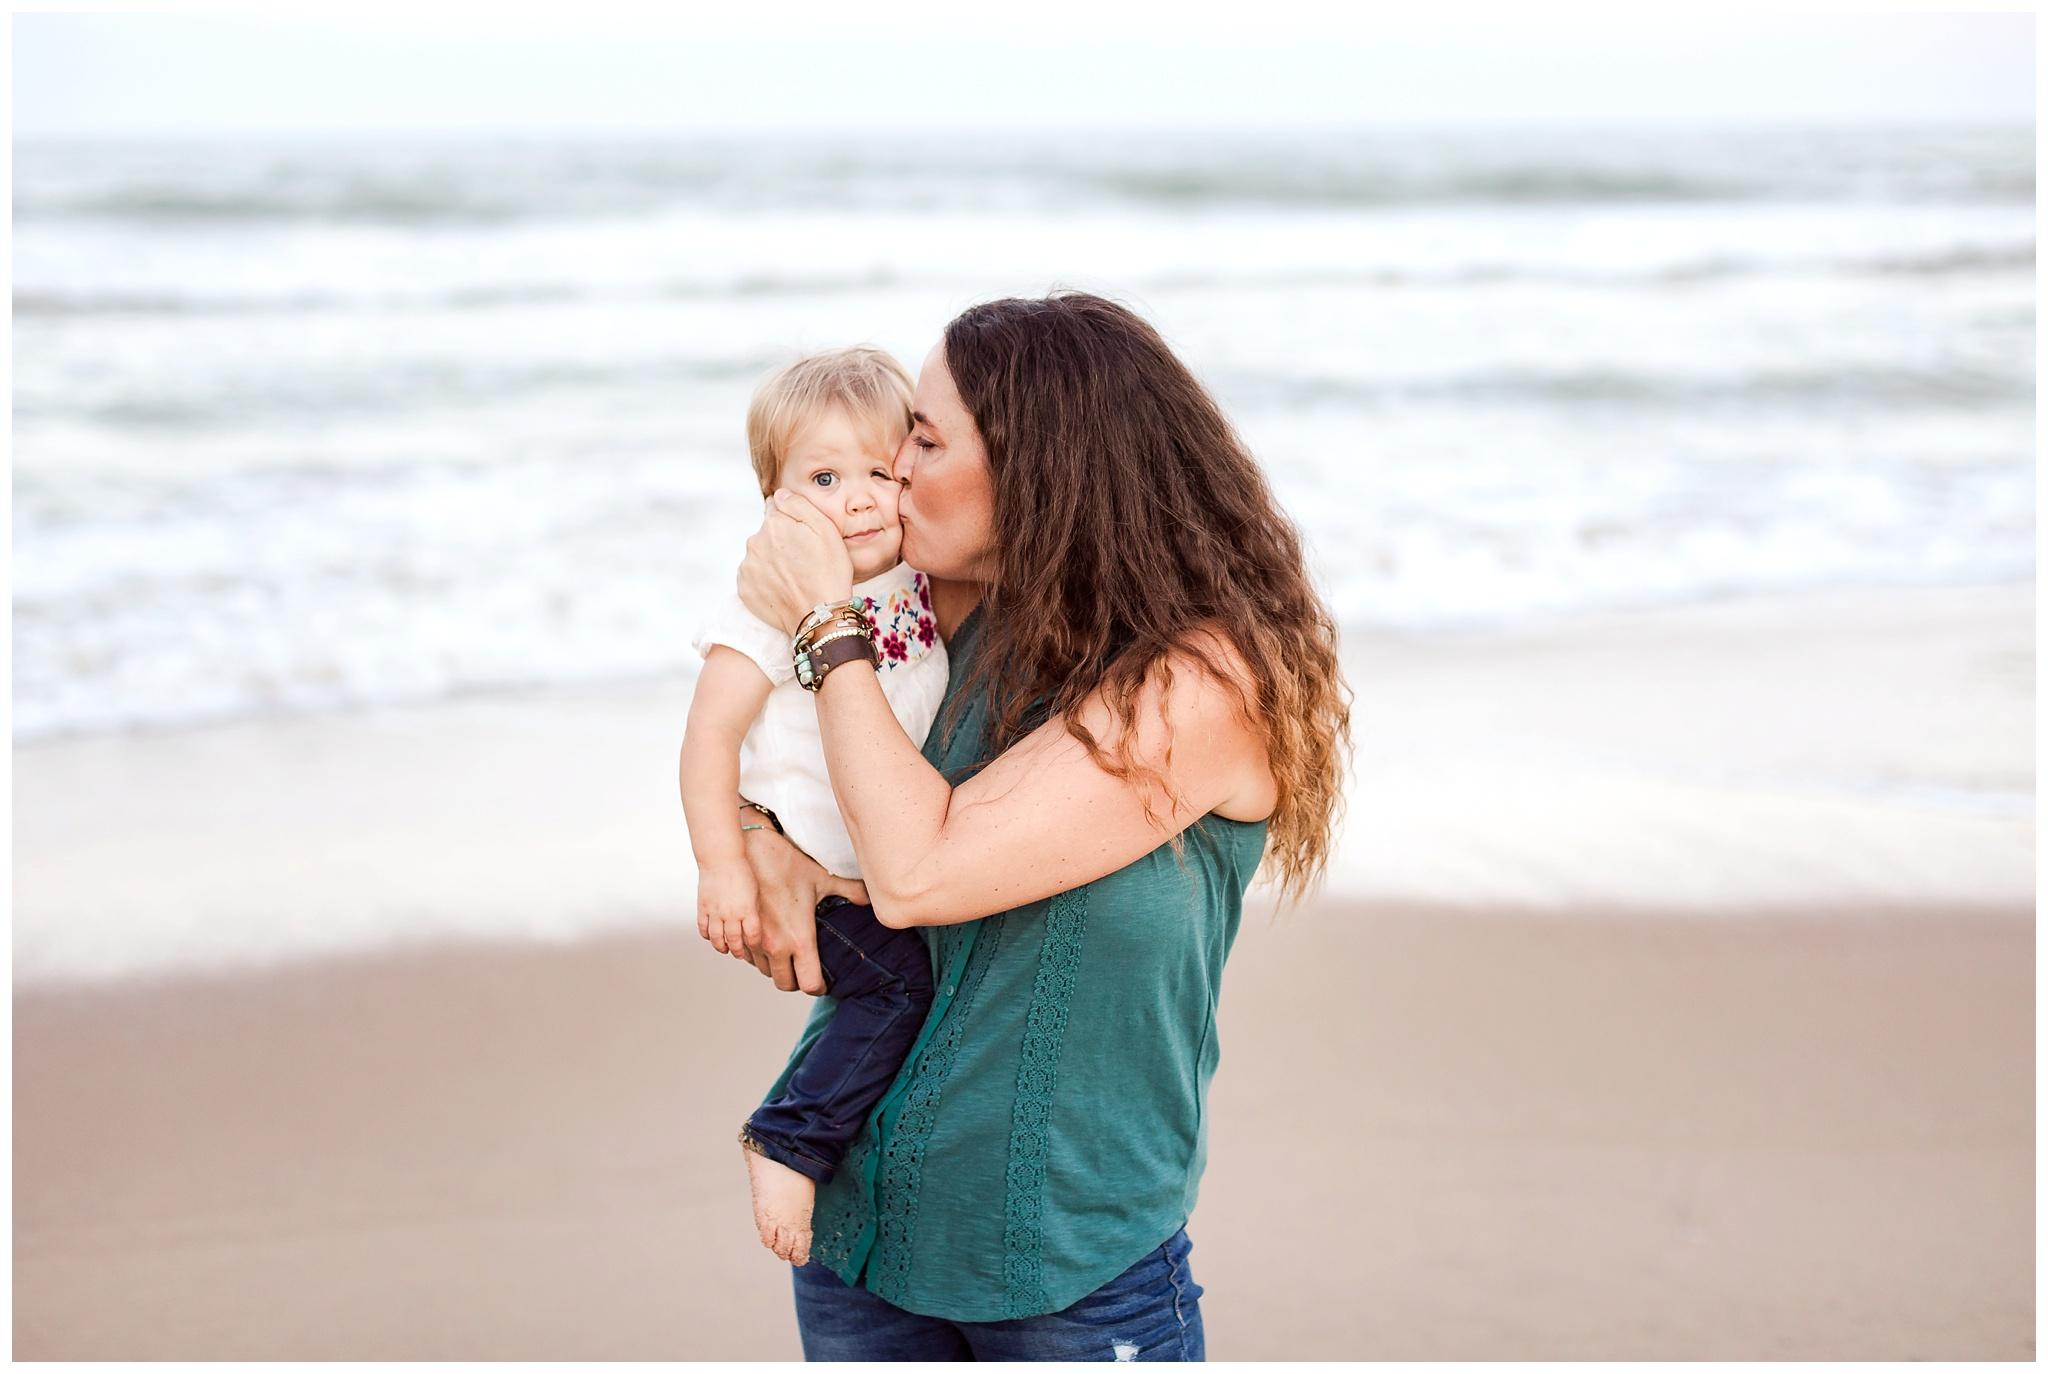 Virginia-Beach-family-photographer_0051.jpg